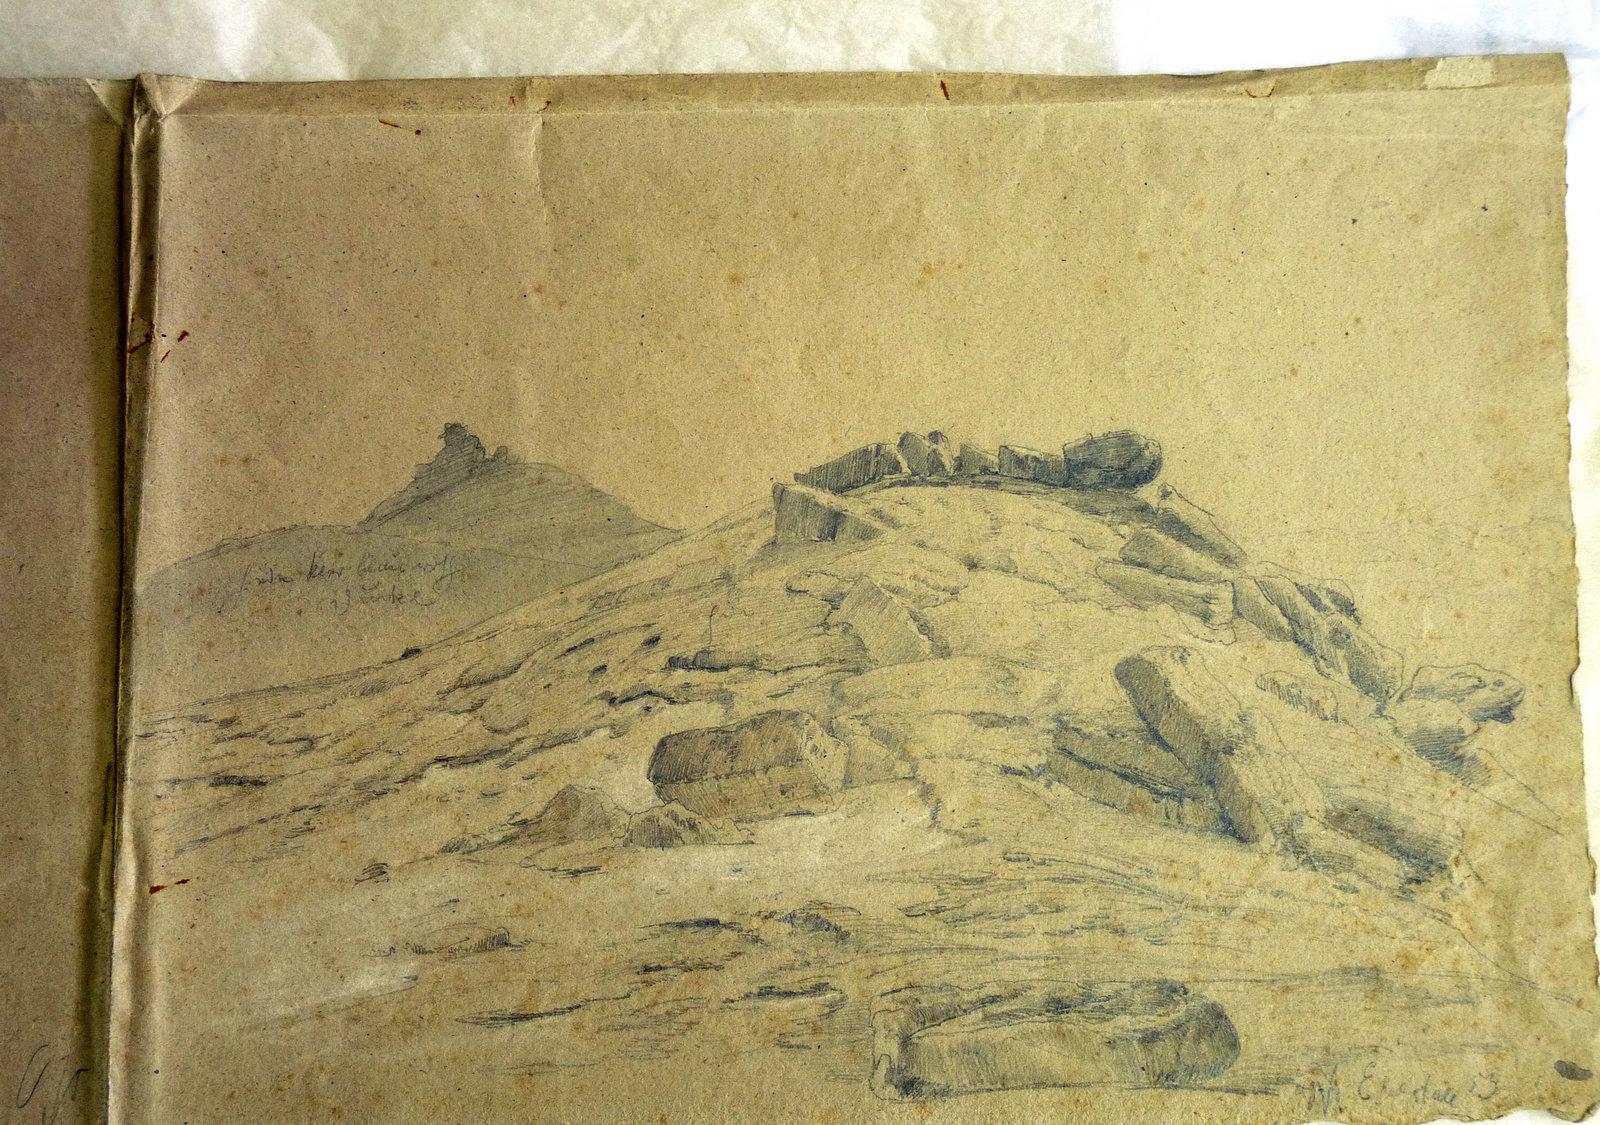 Skizze von Steuerwald